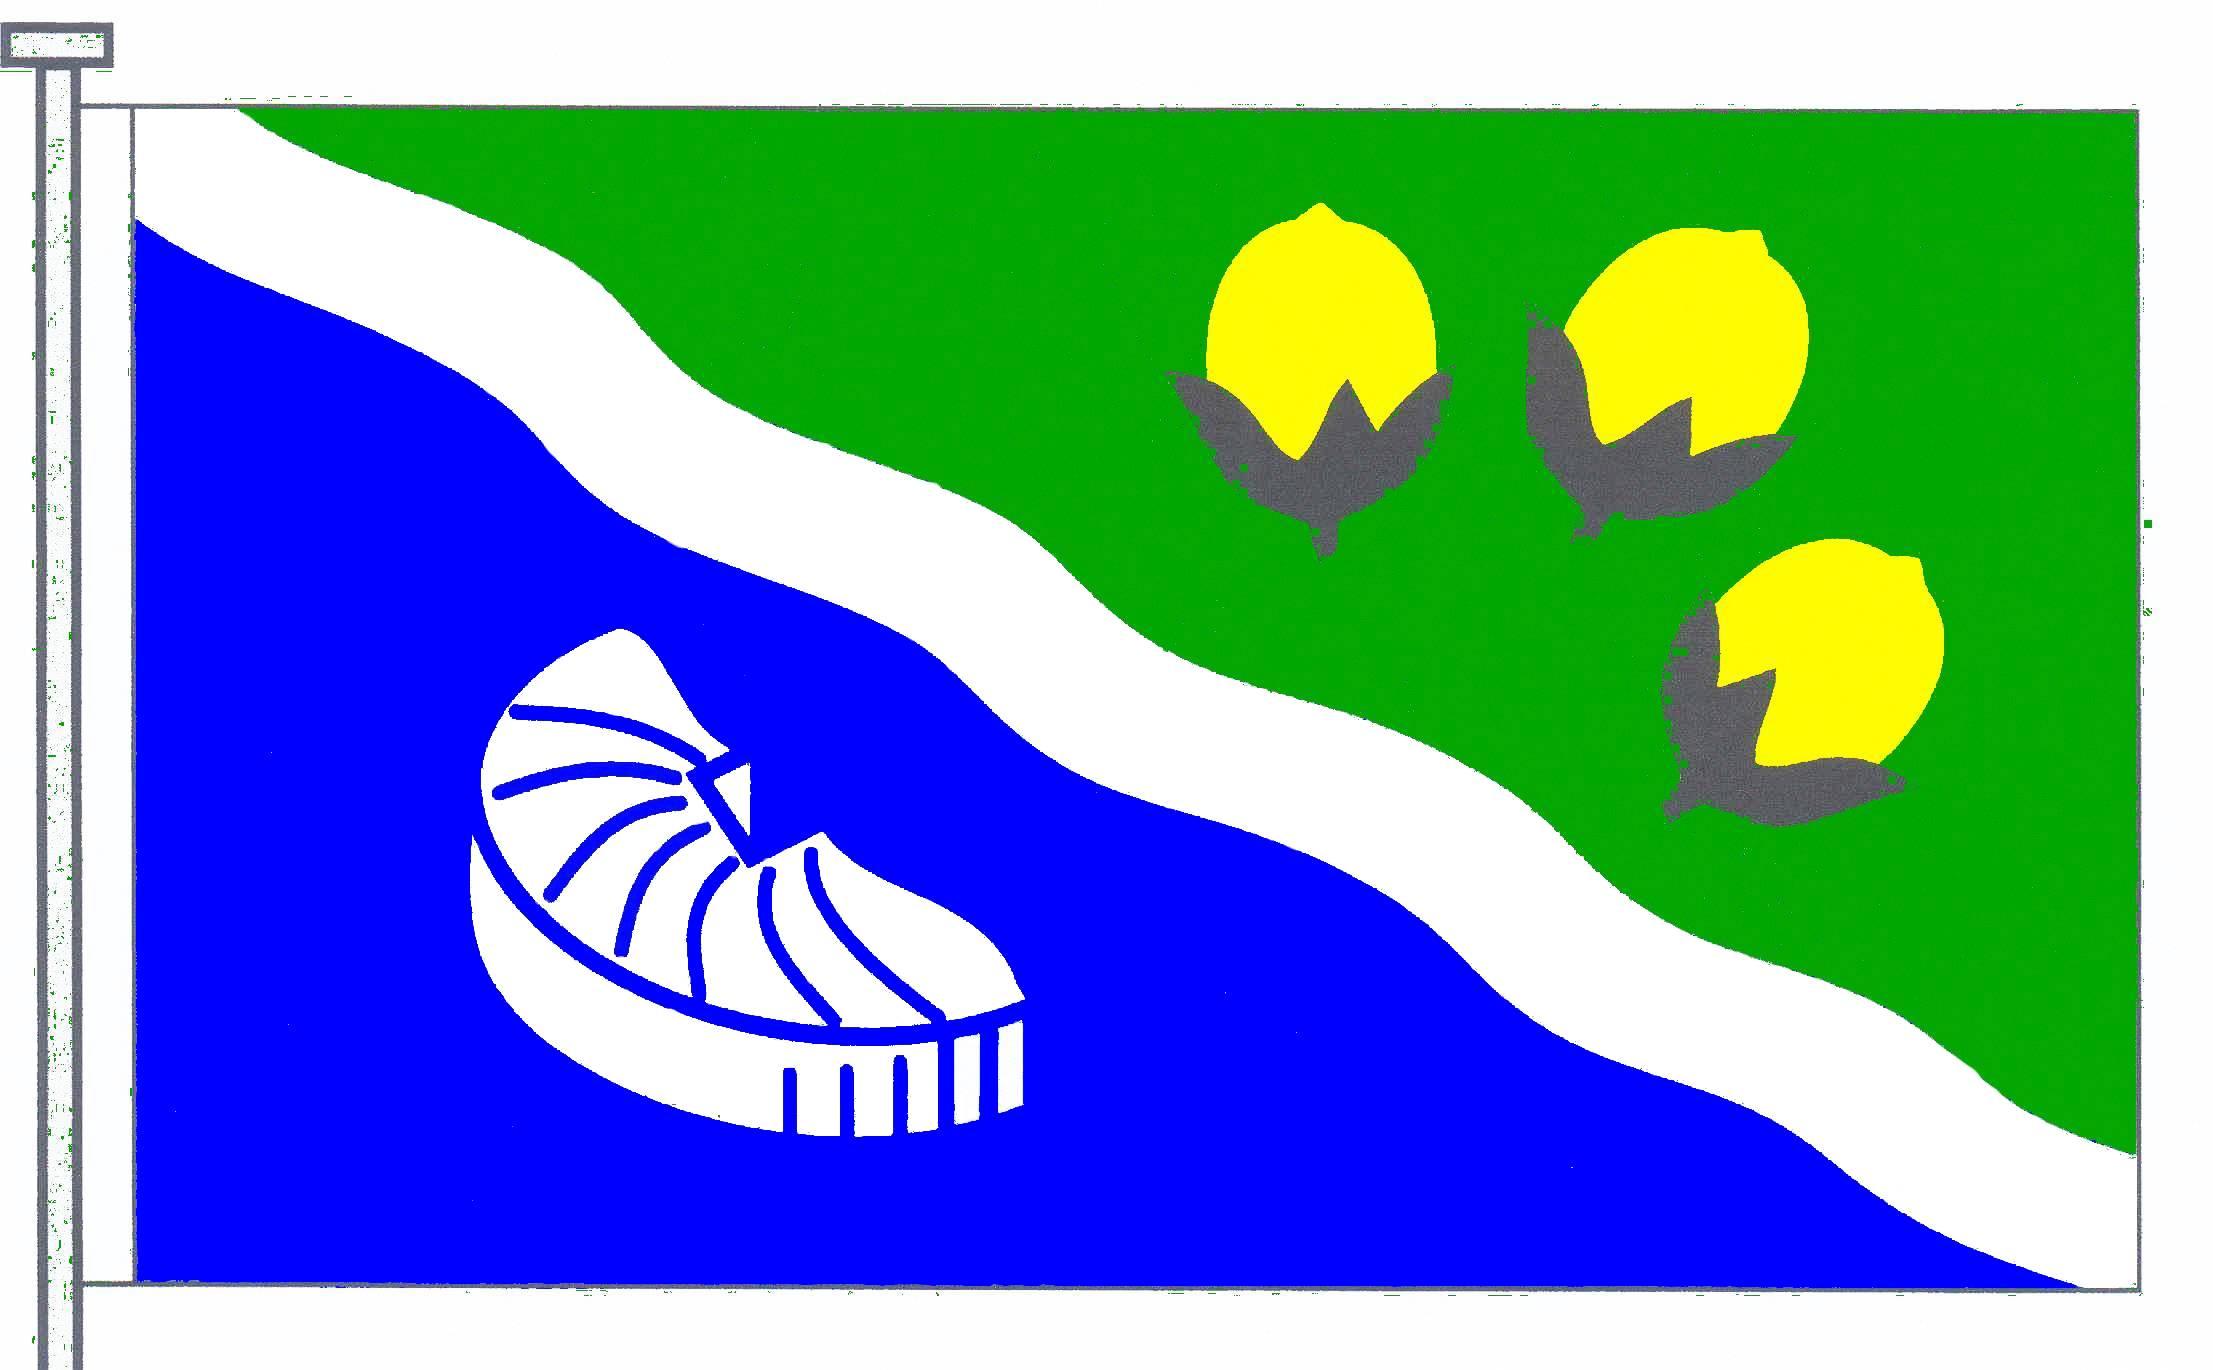 Flagge GemeindeNützen, Kreis Segeberg